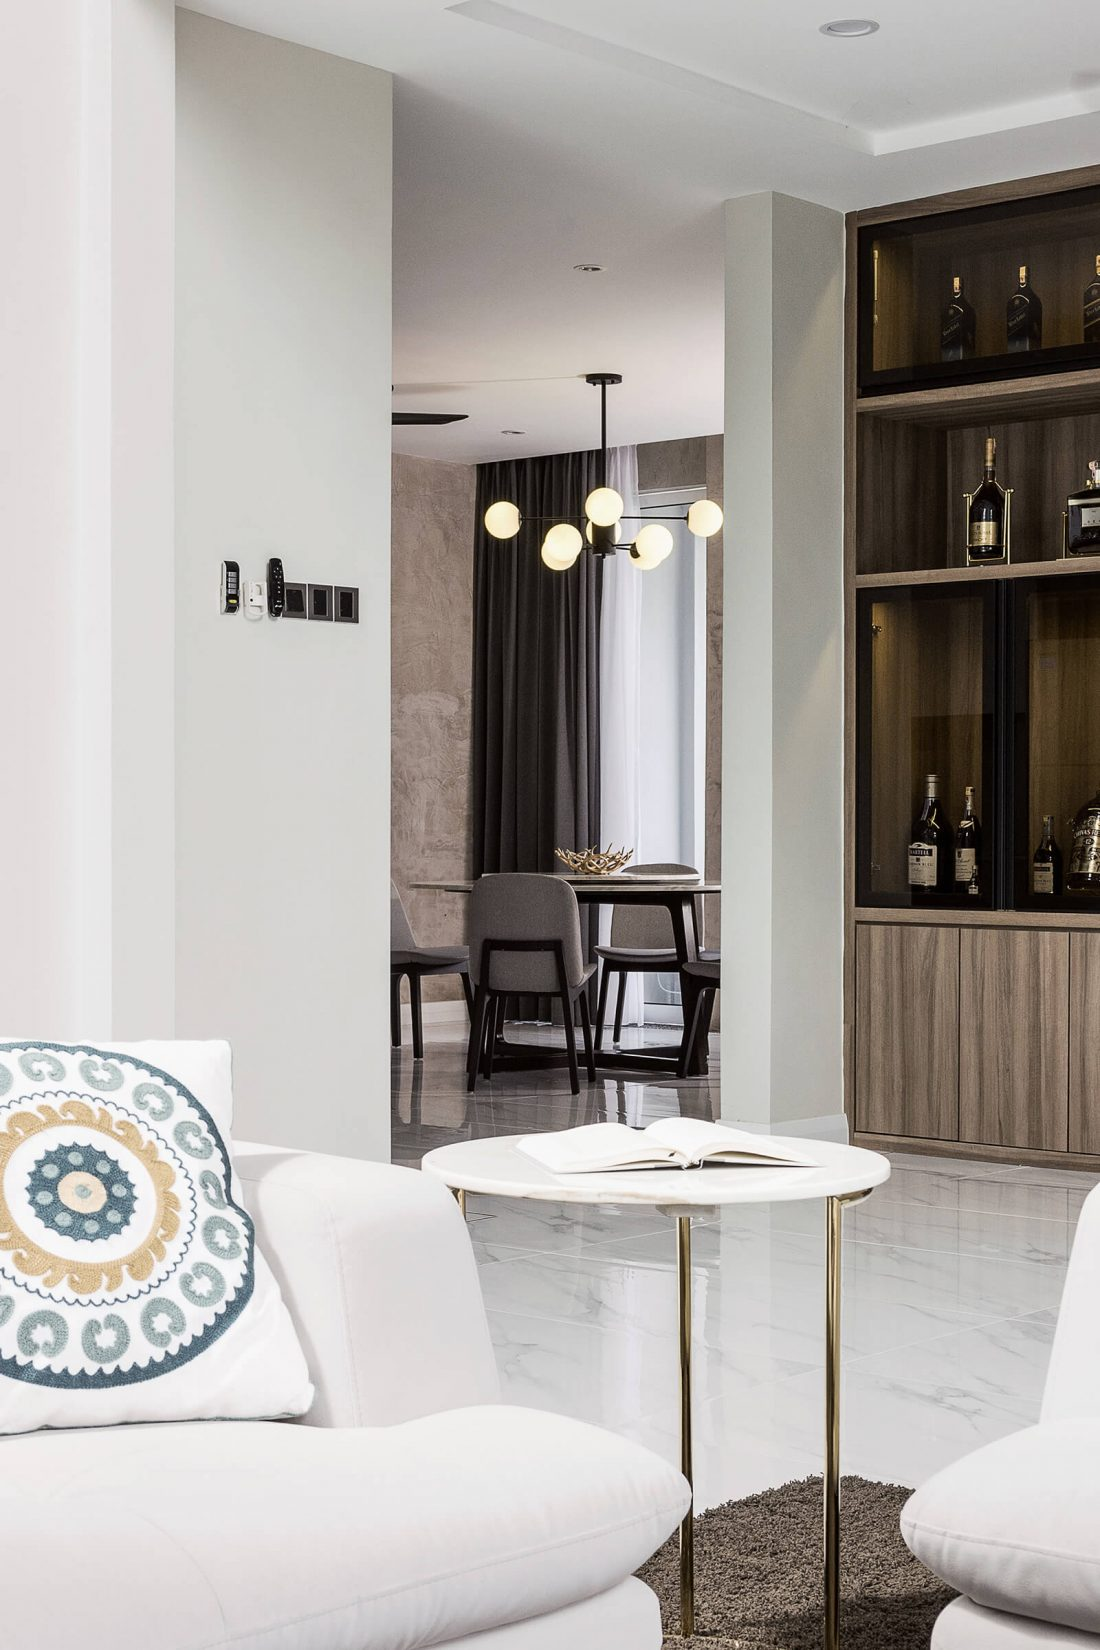 Interior Design Private Bungalow Alor Setar Kedah Malaysia Living Room Design v5